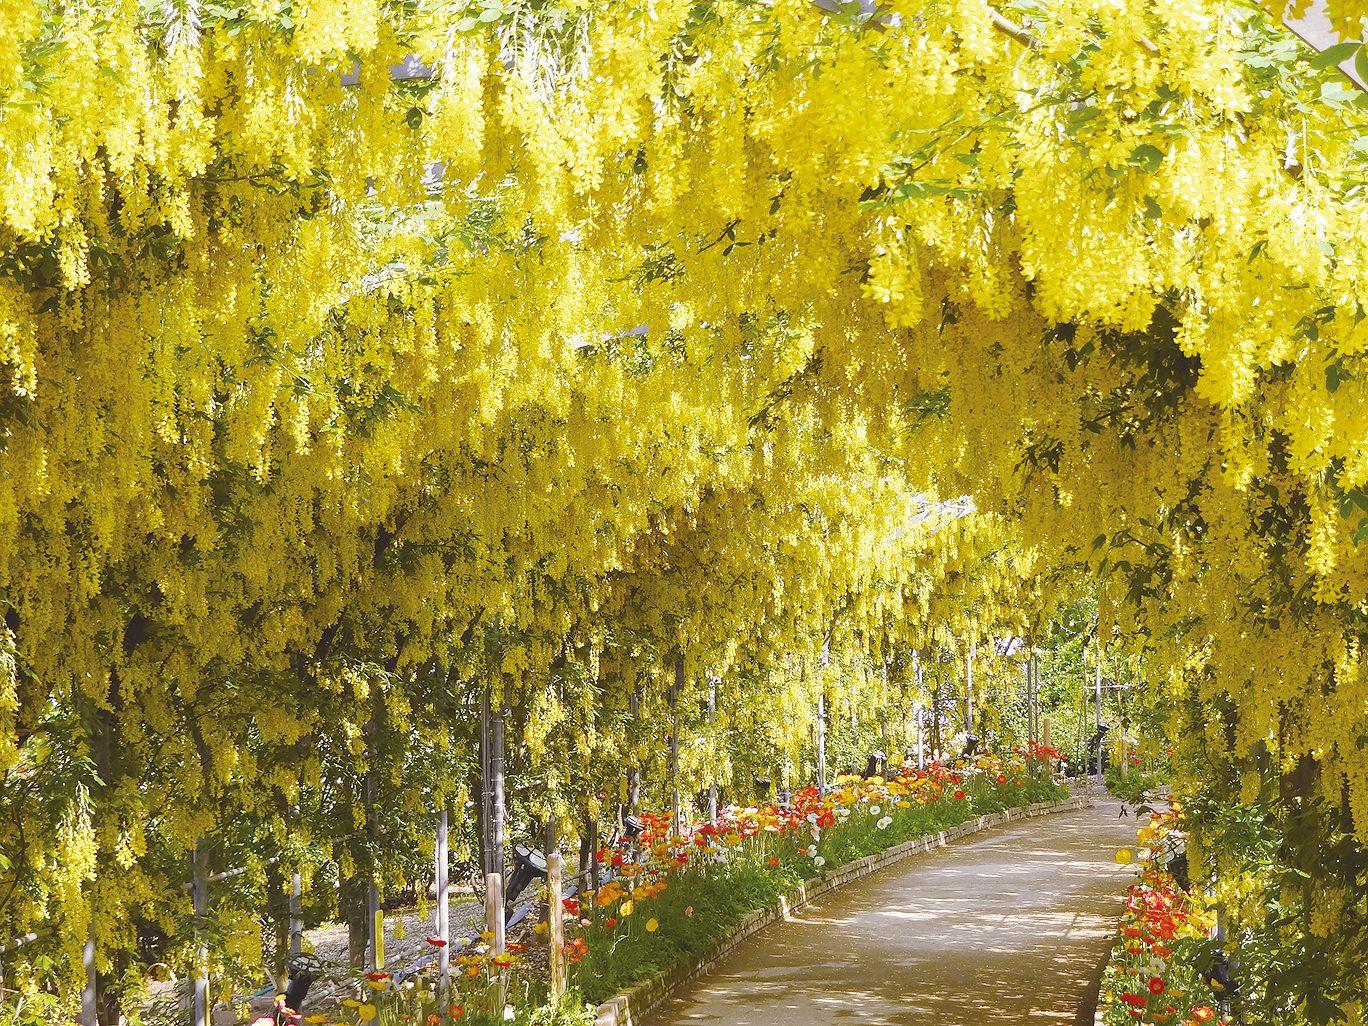 อุโมงค์วิสทีเรียดอกเหลืองแสนสดใสสวยงาม